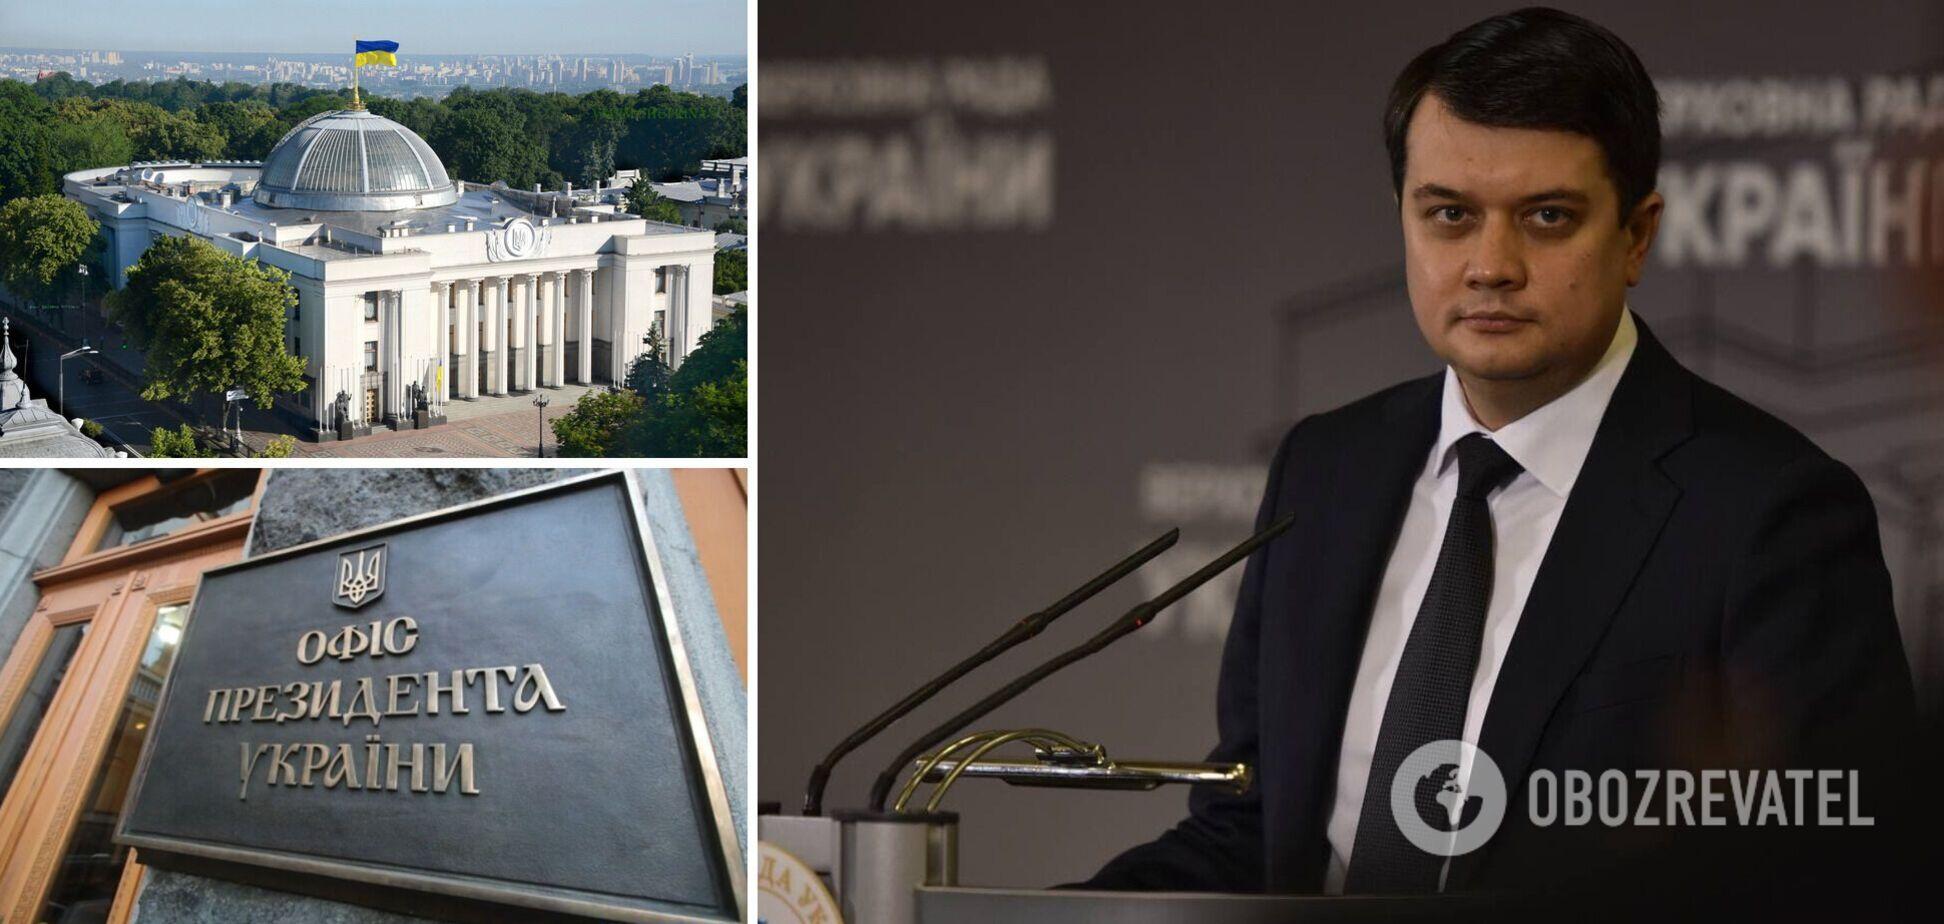 За 'Слугою народу' прийде 'прислуга': з'ясували, чому Разумкову не світить президентство